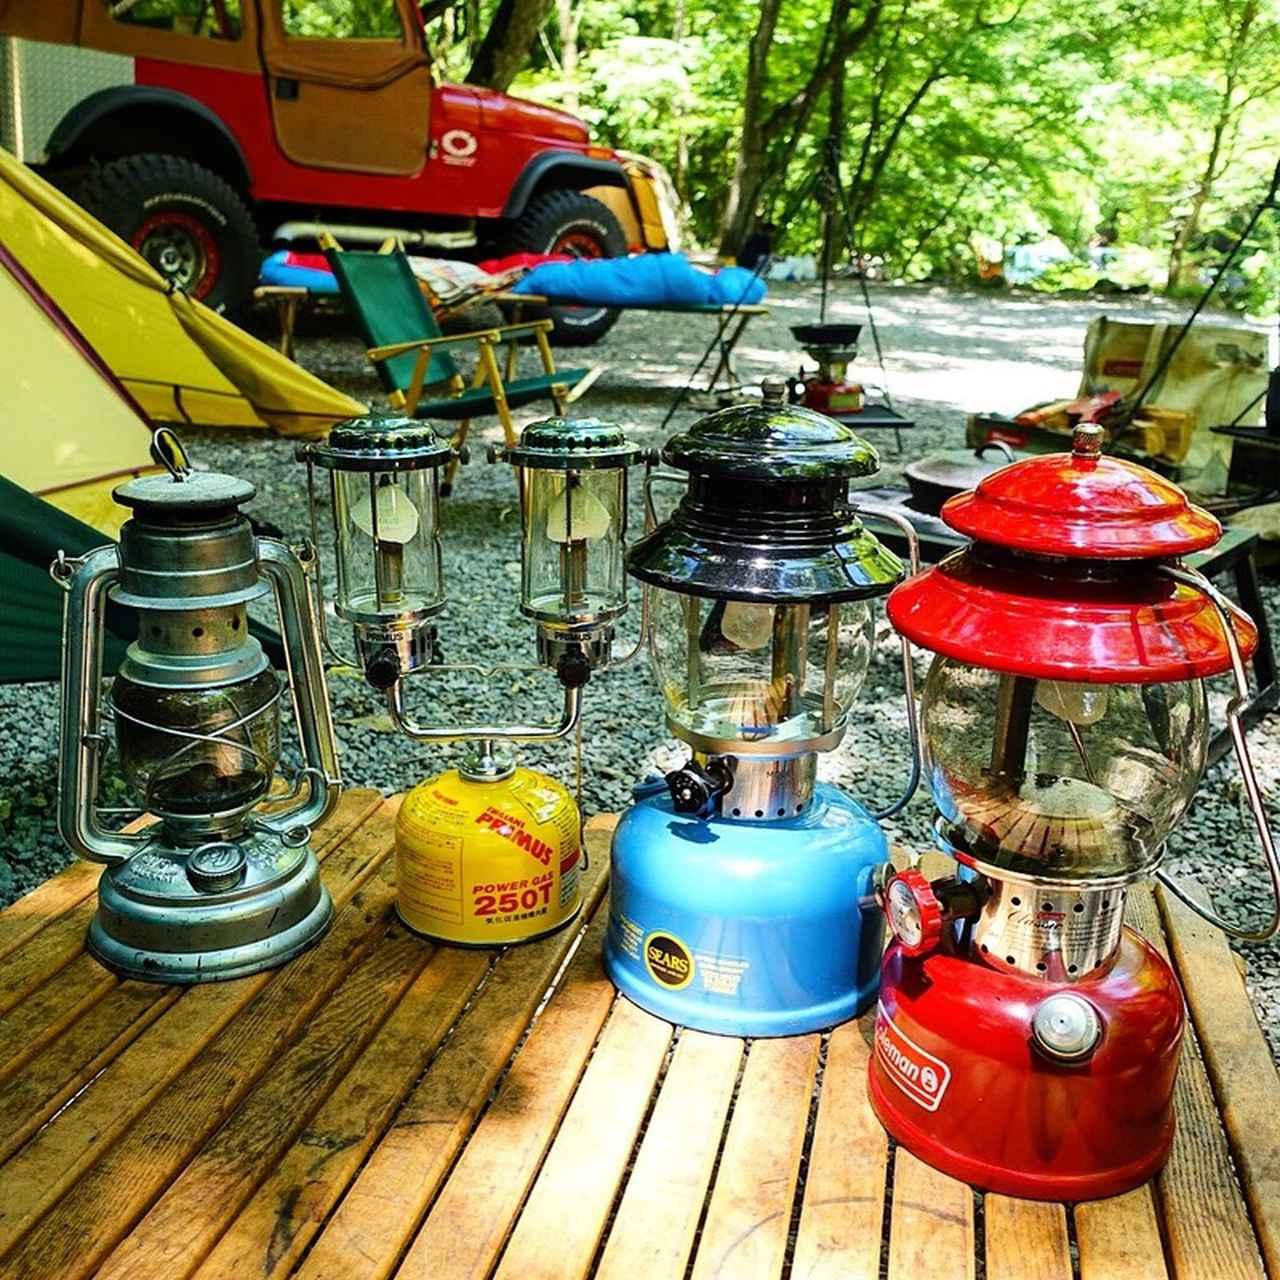 画像: 【キャンプ用ランタン選び】初心者によくある悩みを解決! ランタンの種類や特徴、専門用語を紹介!